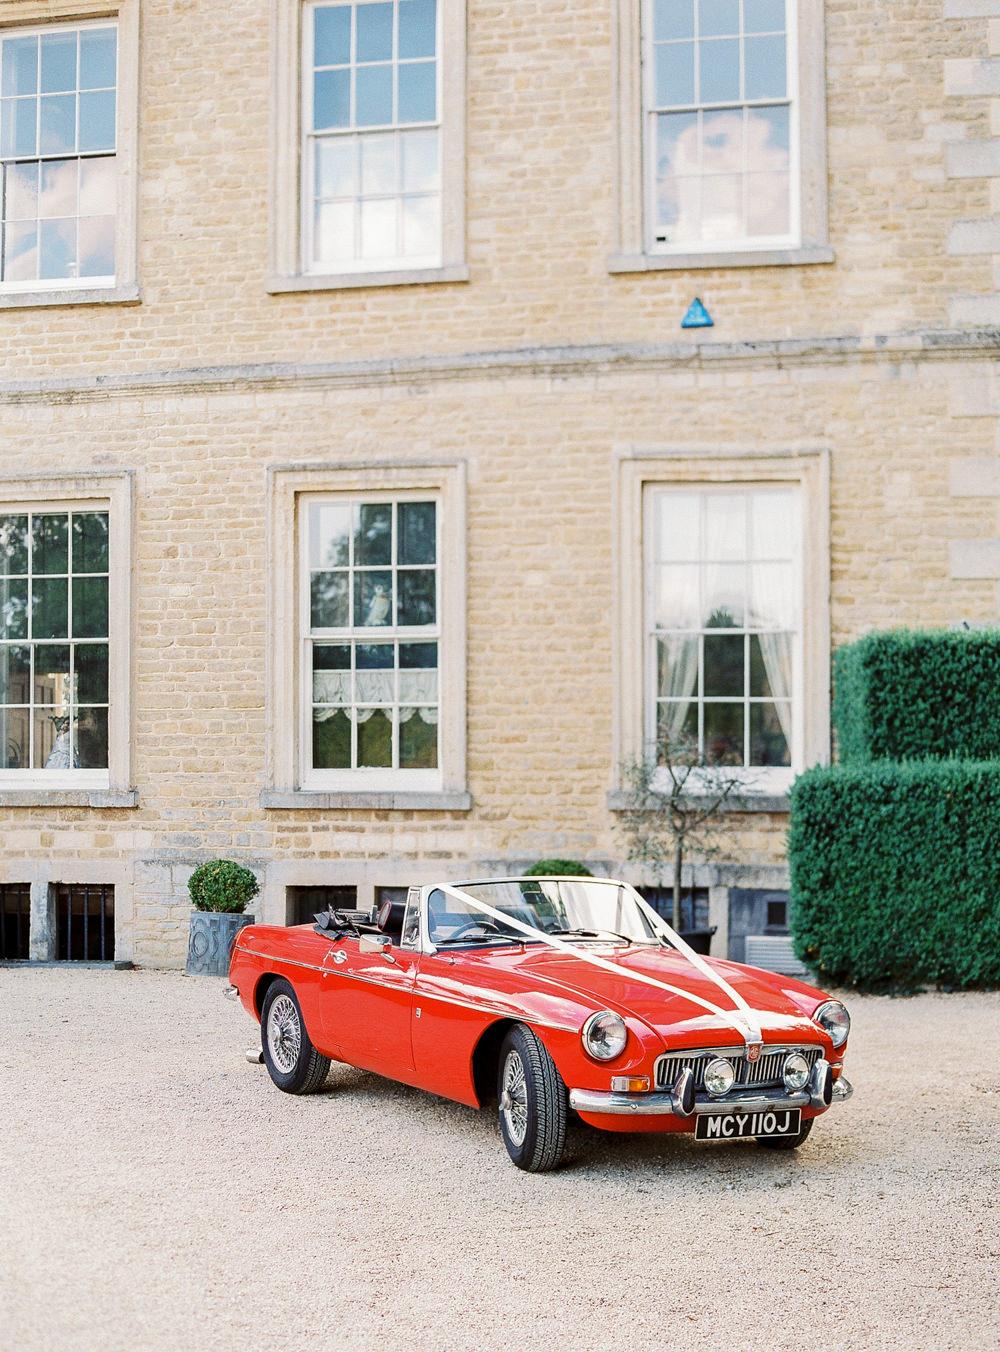 Red MG wedding car